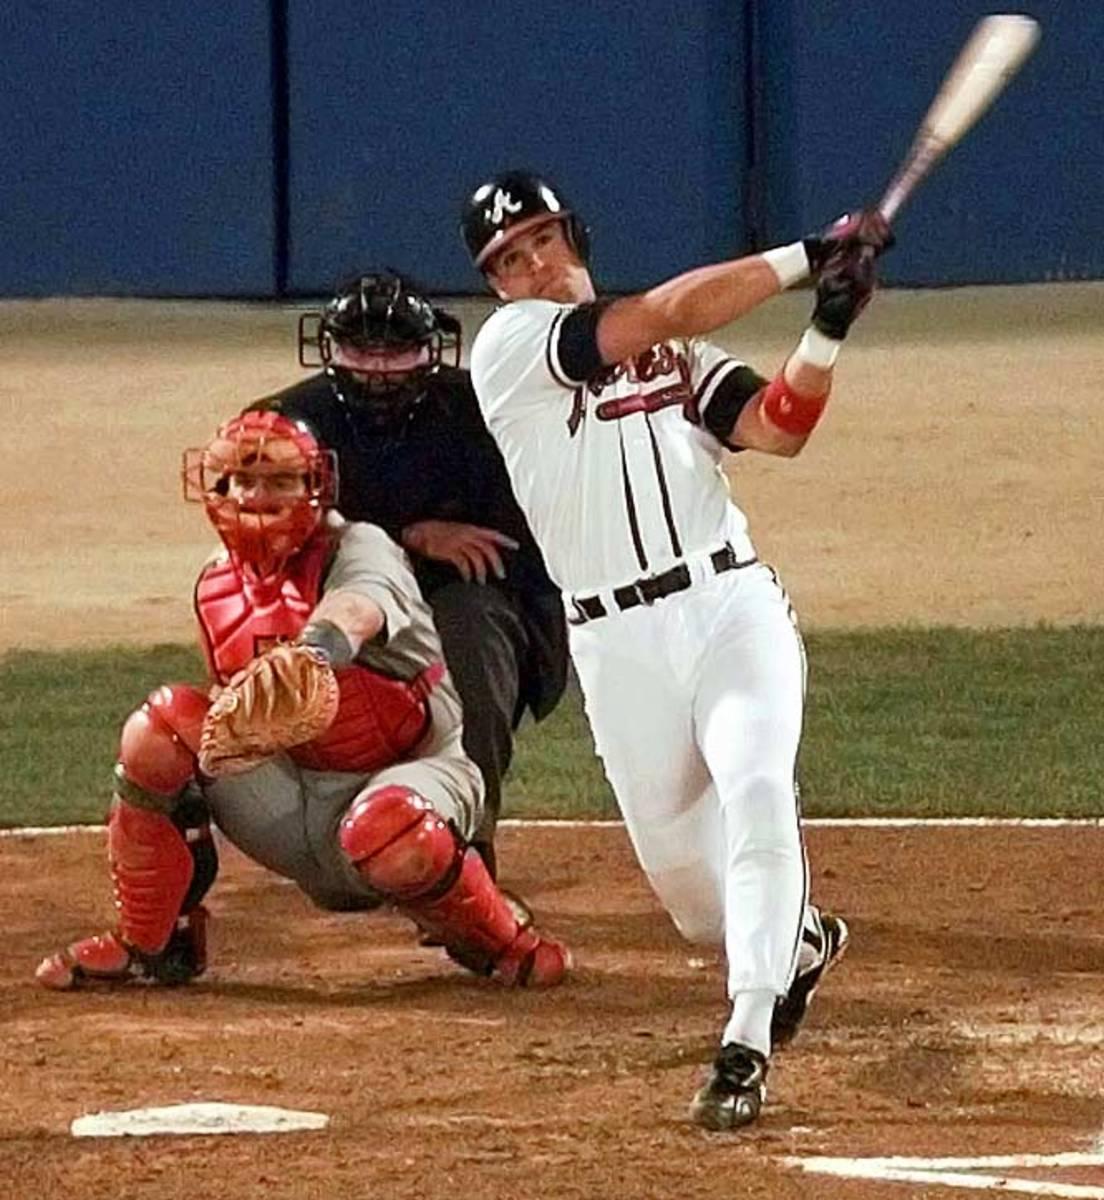 1996 NLCS, Braves defeat Cardinals